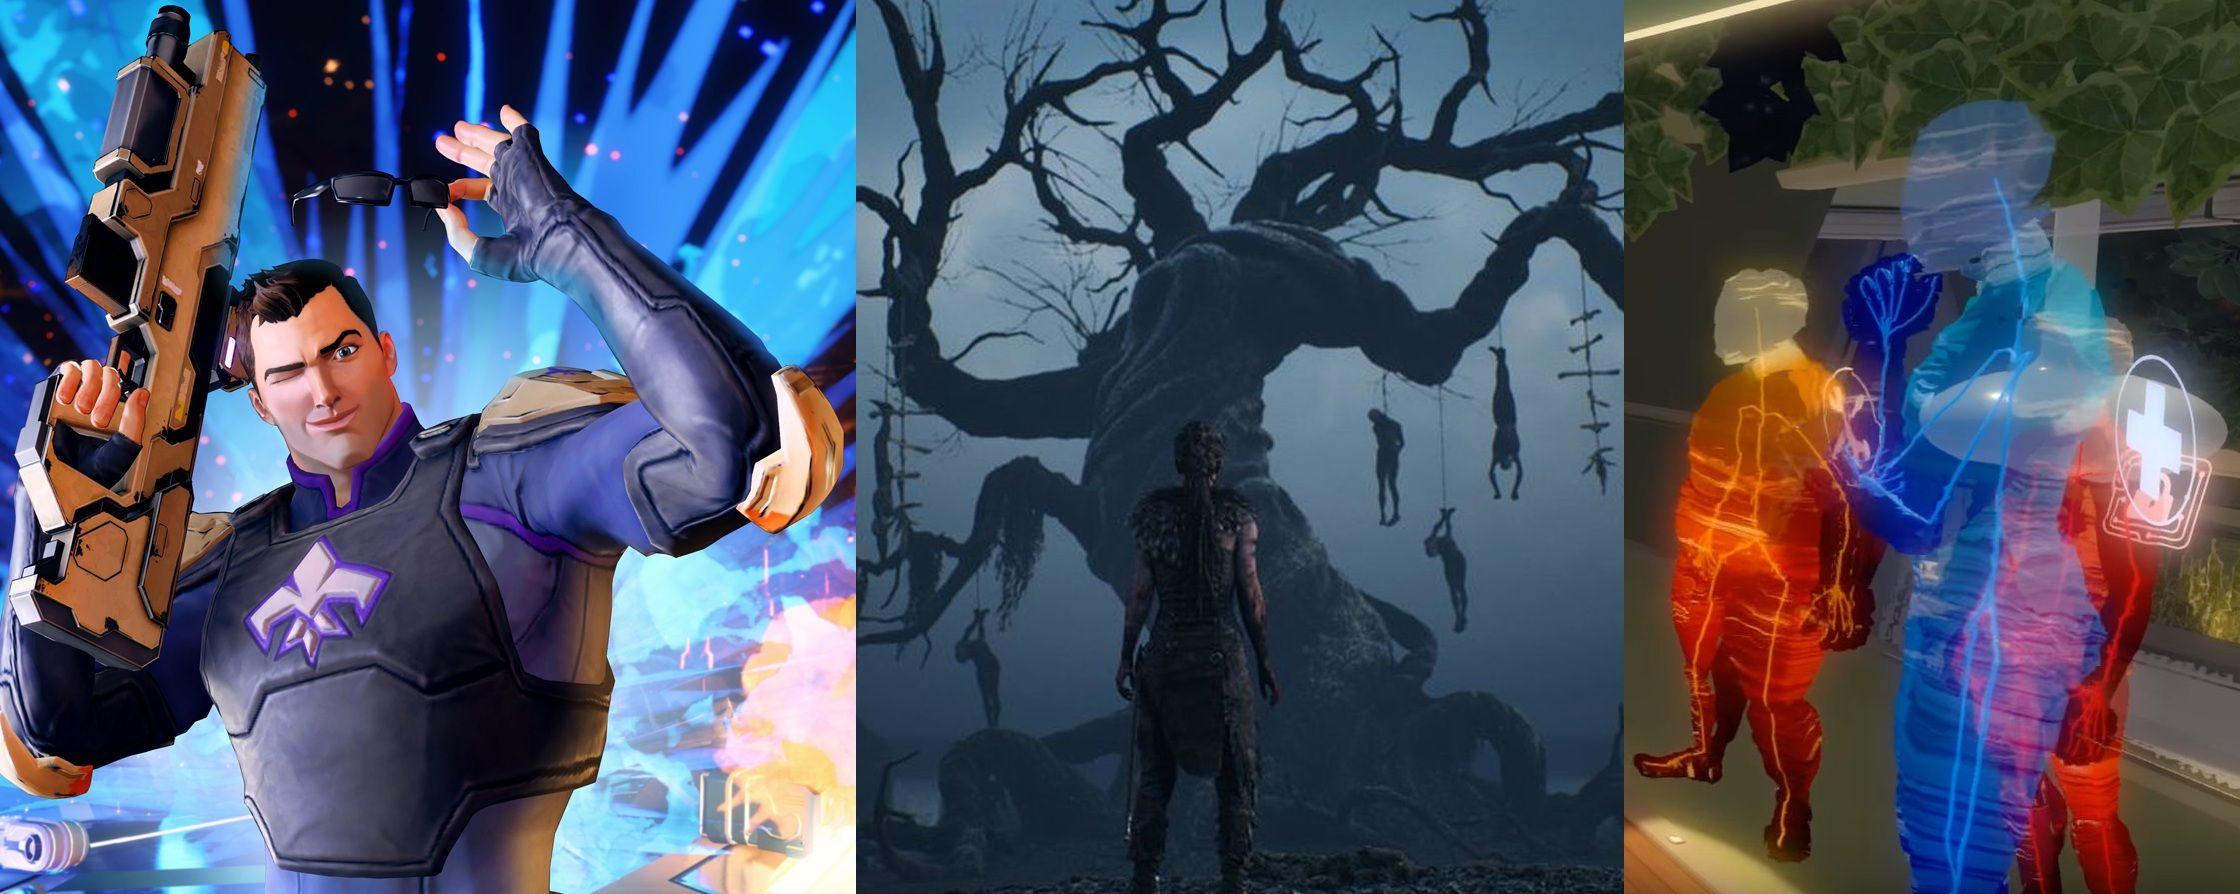 Best RPG Games Rpg games, Video games pc, Rpg